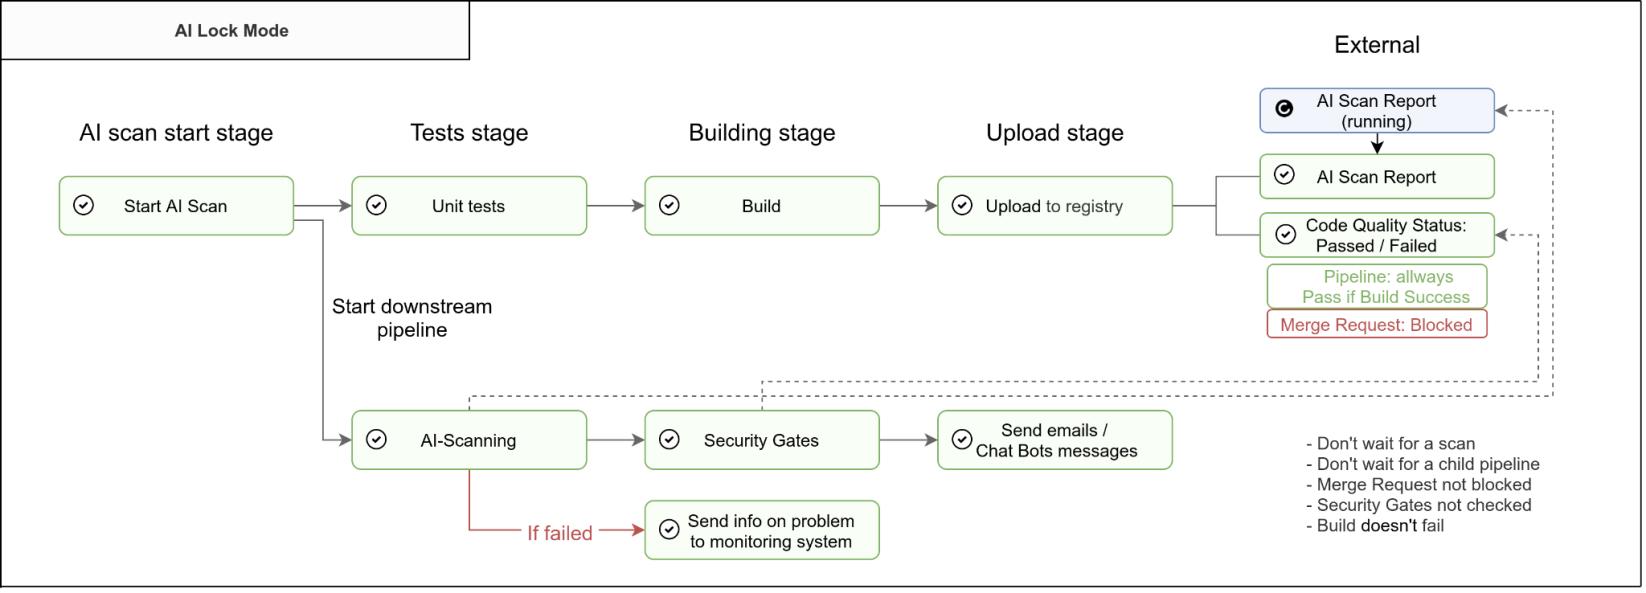 Схема пайплайна сборки со сканированием в режиме блокирования мердж-реквеста